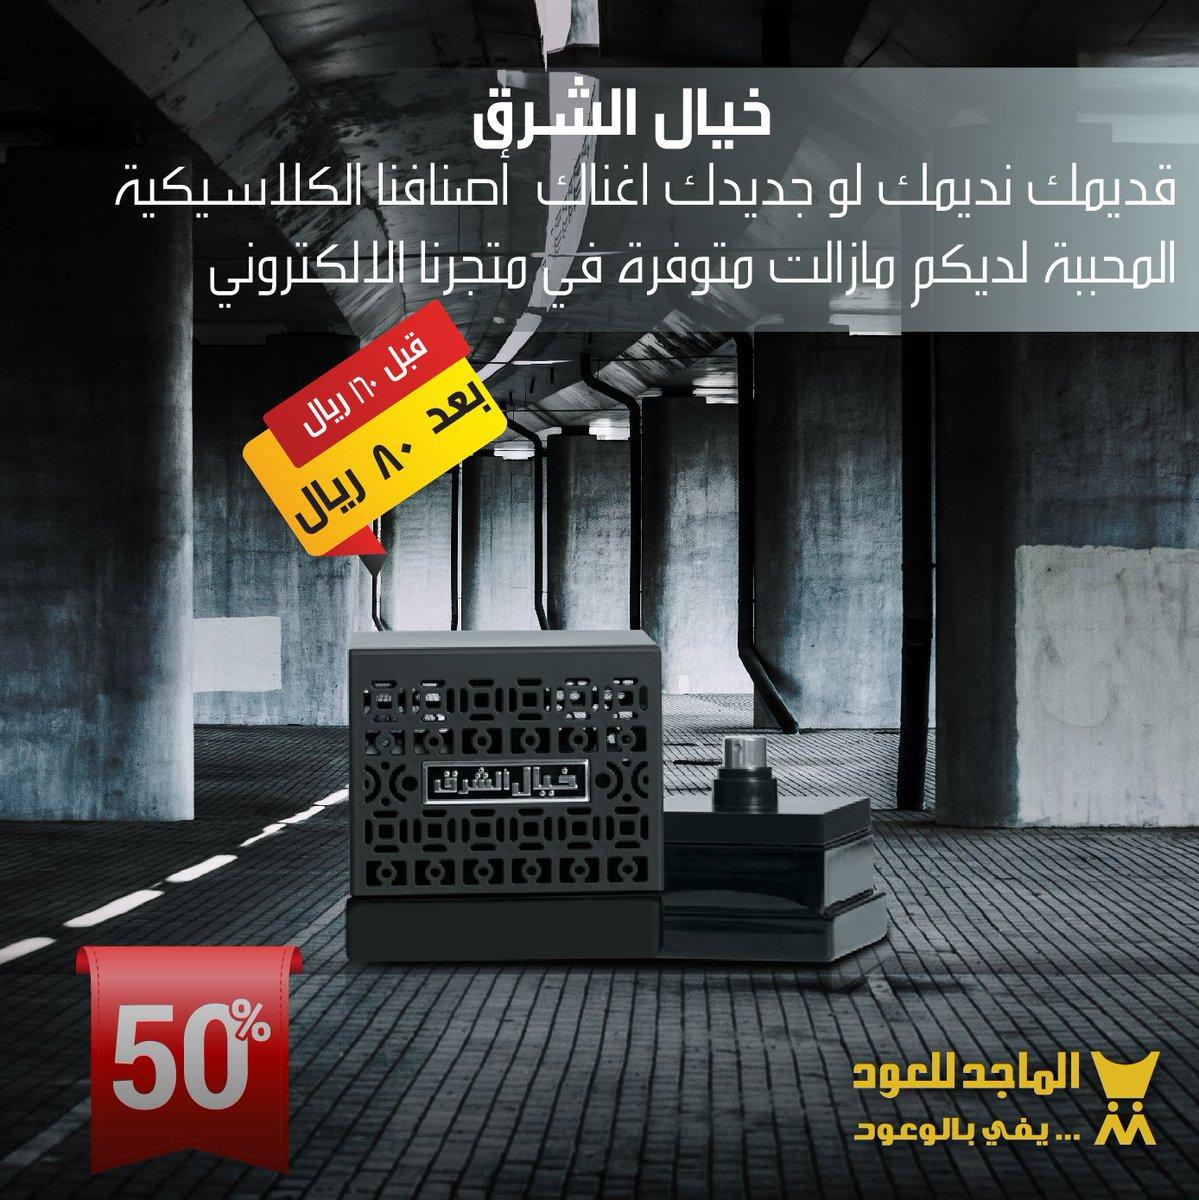 e750499e8 شركة الماجد للعود on Twitter: